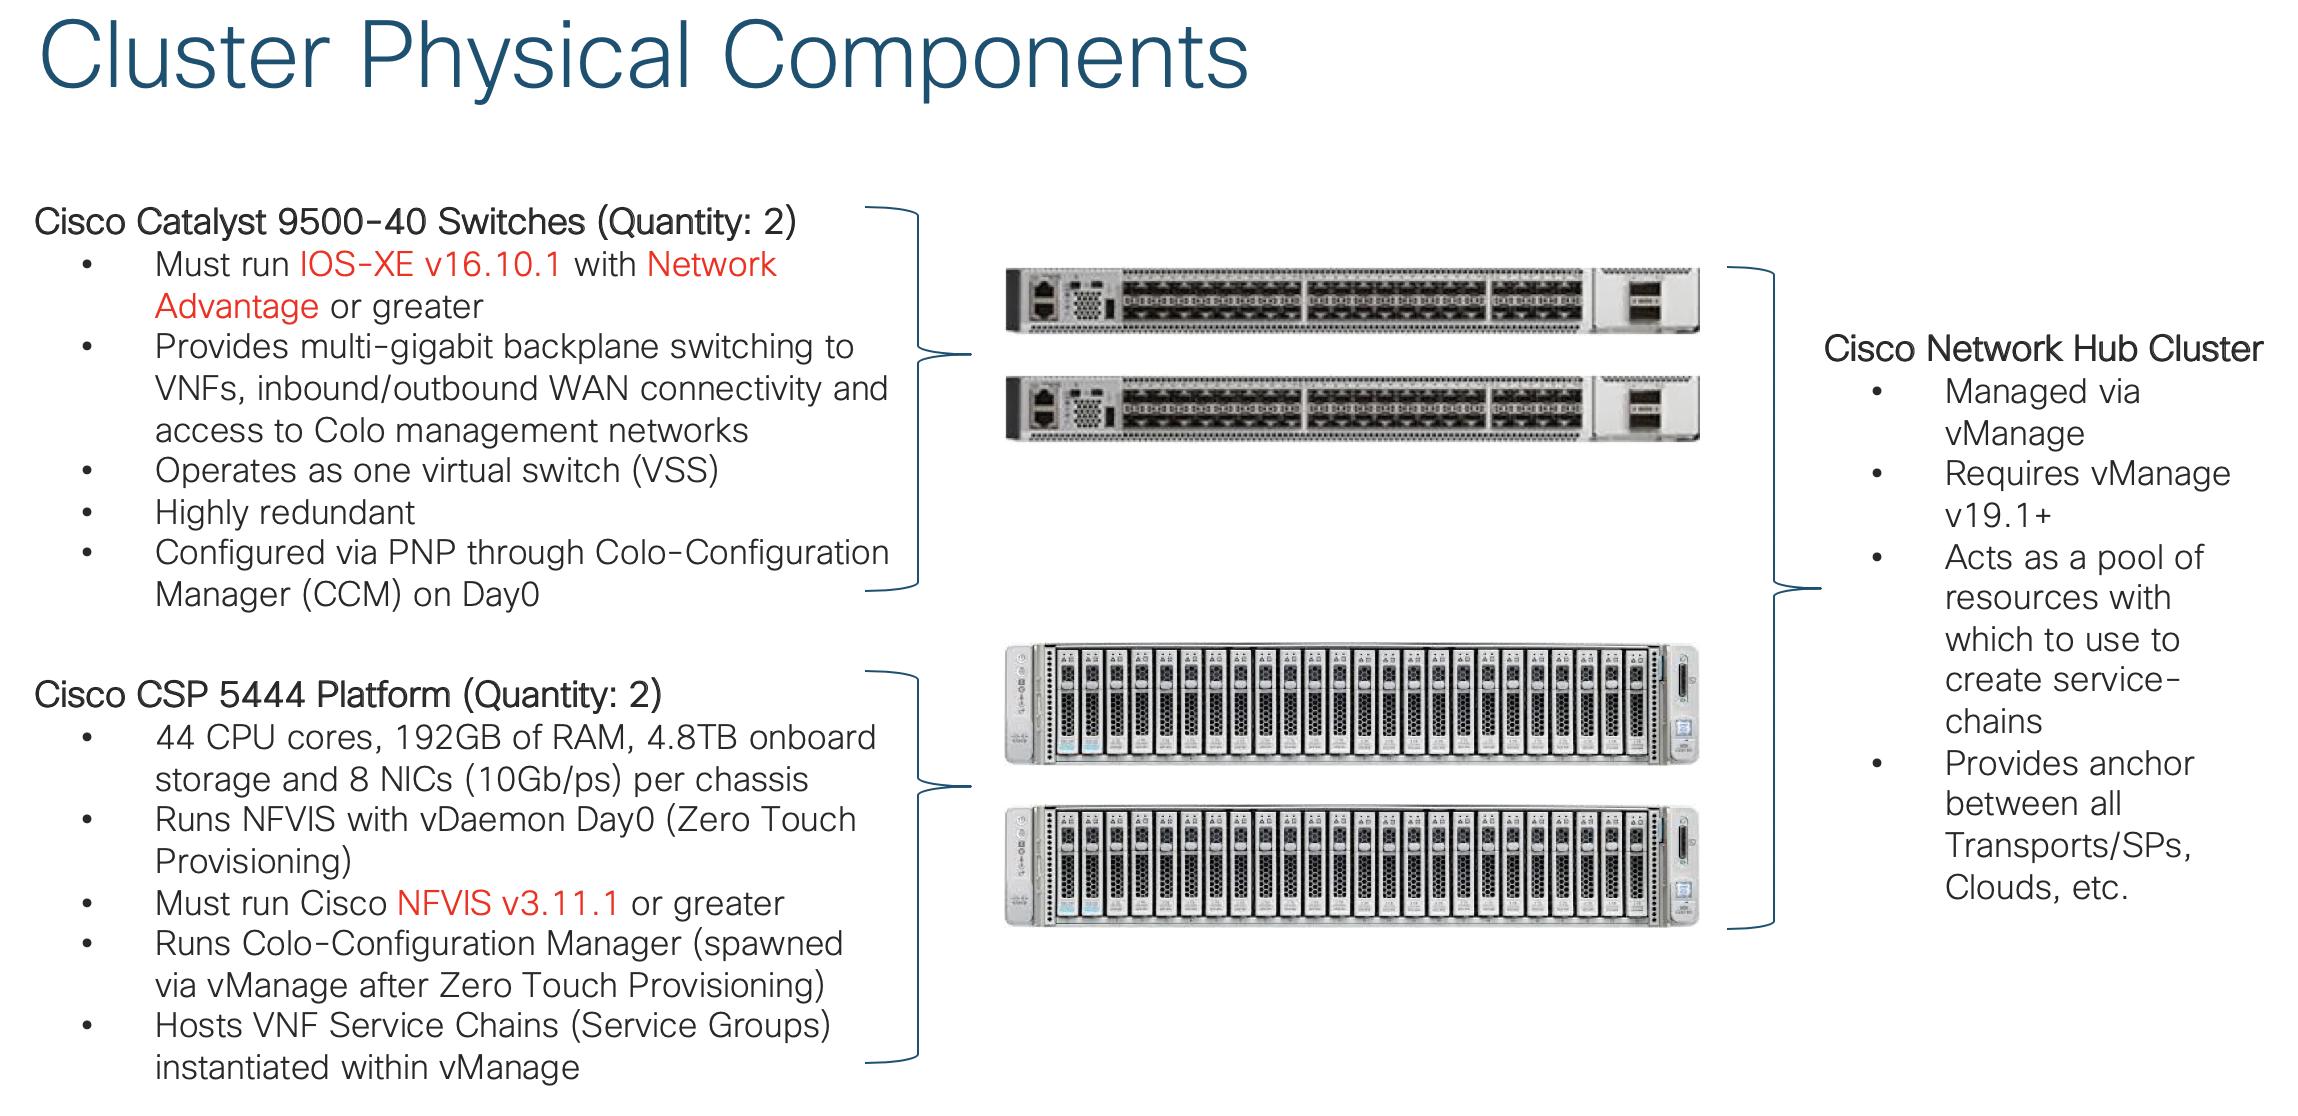 Evaluating Cisco SDWAN Cloud onRamp for    - Cisco Community